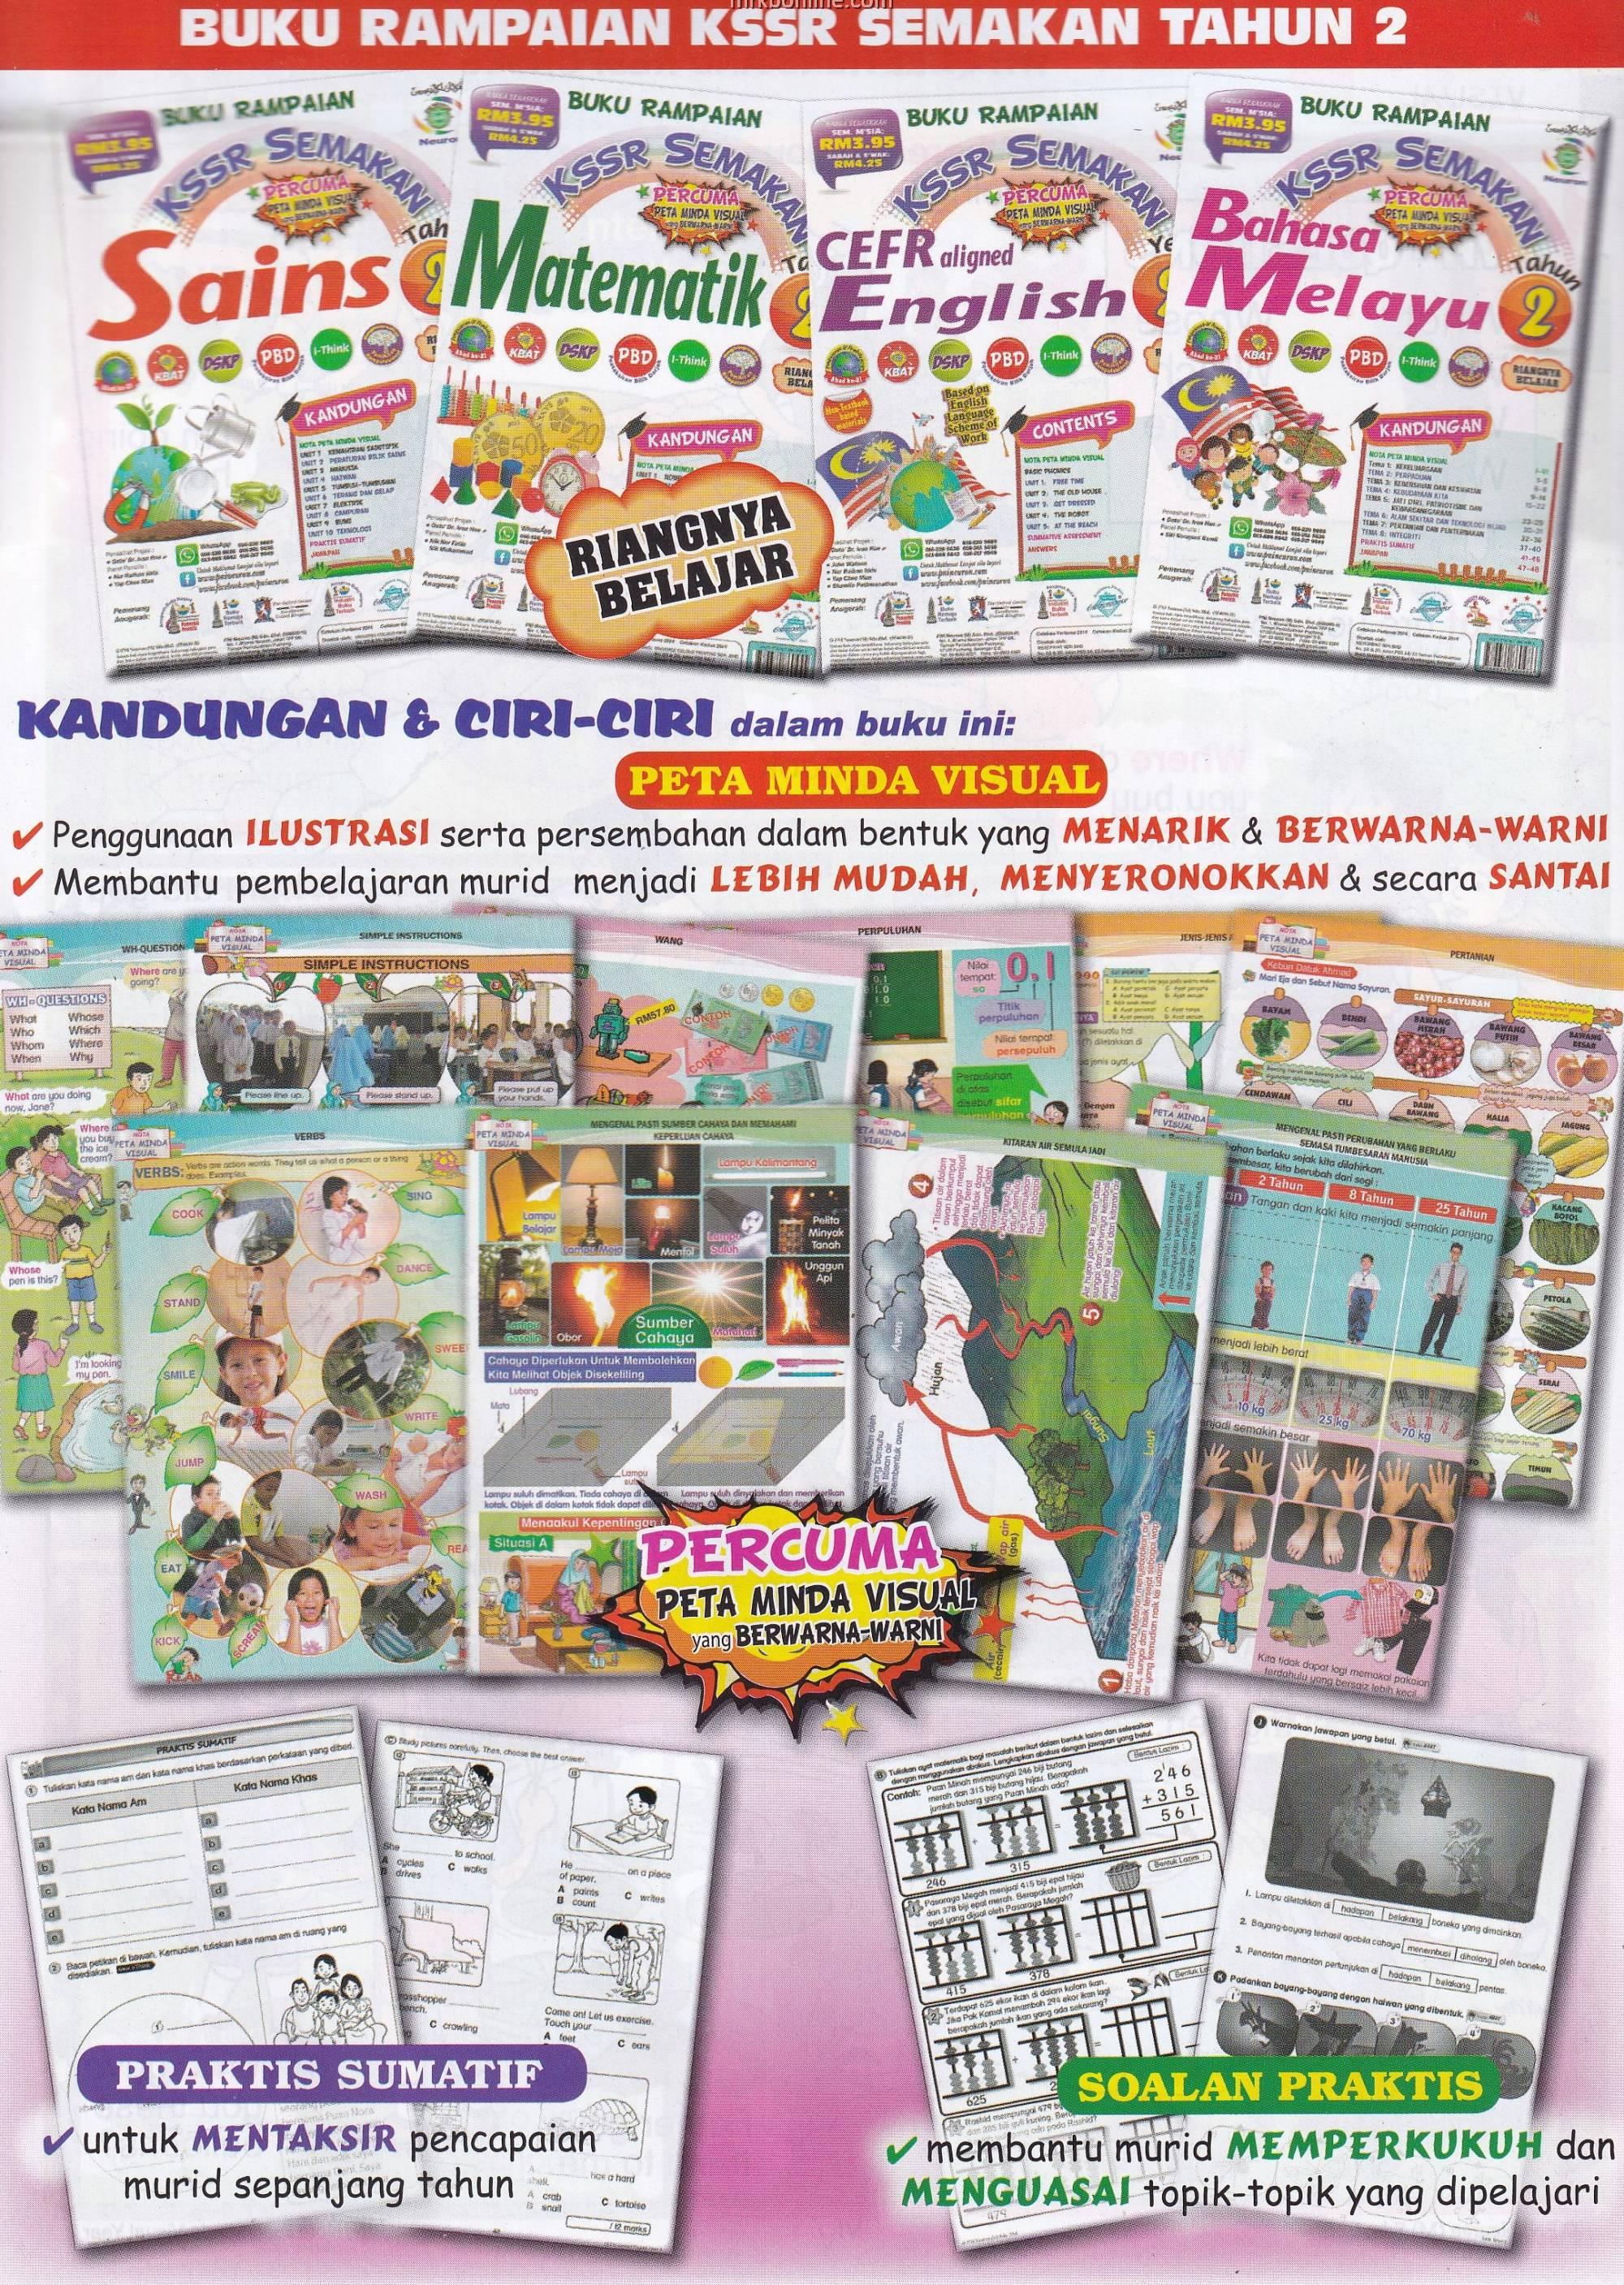 Buku Rampaian KSSR CEFR Aligned English Year 2